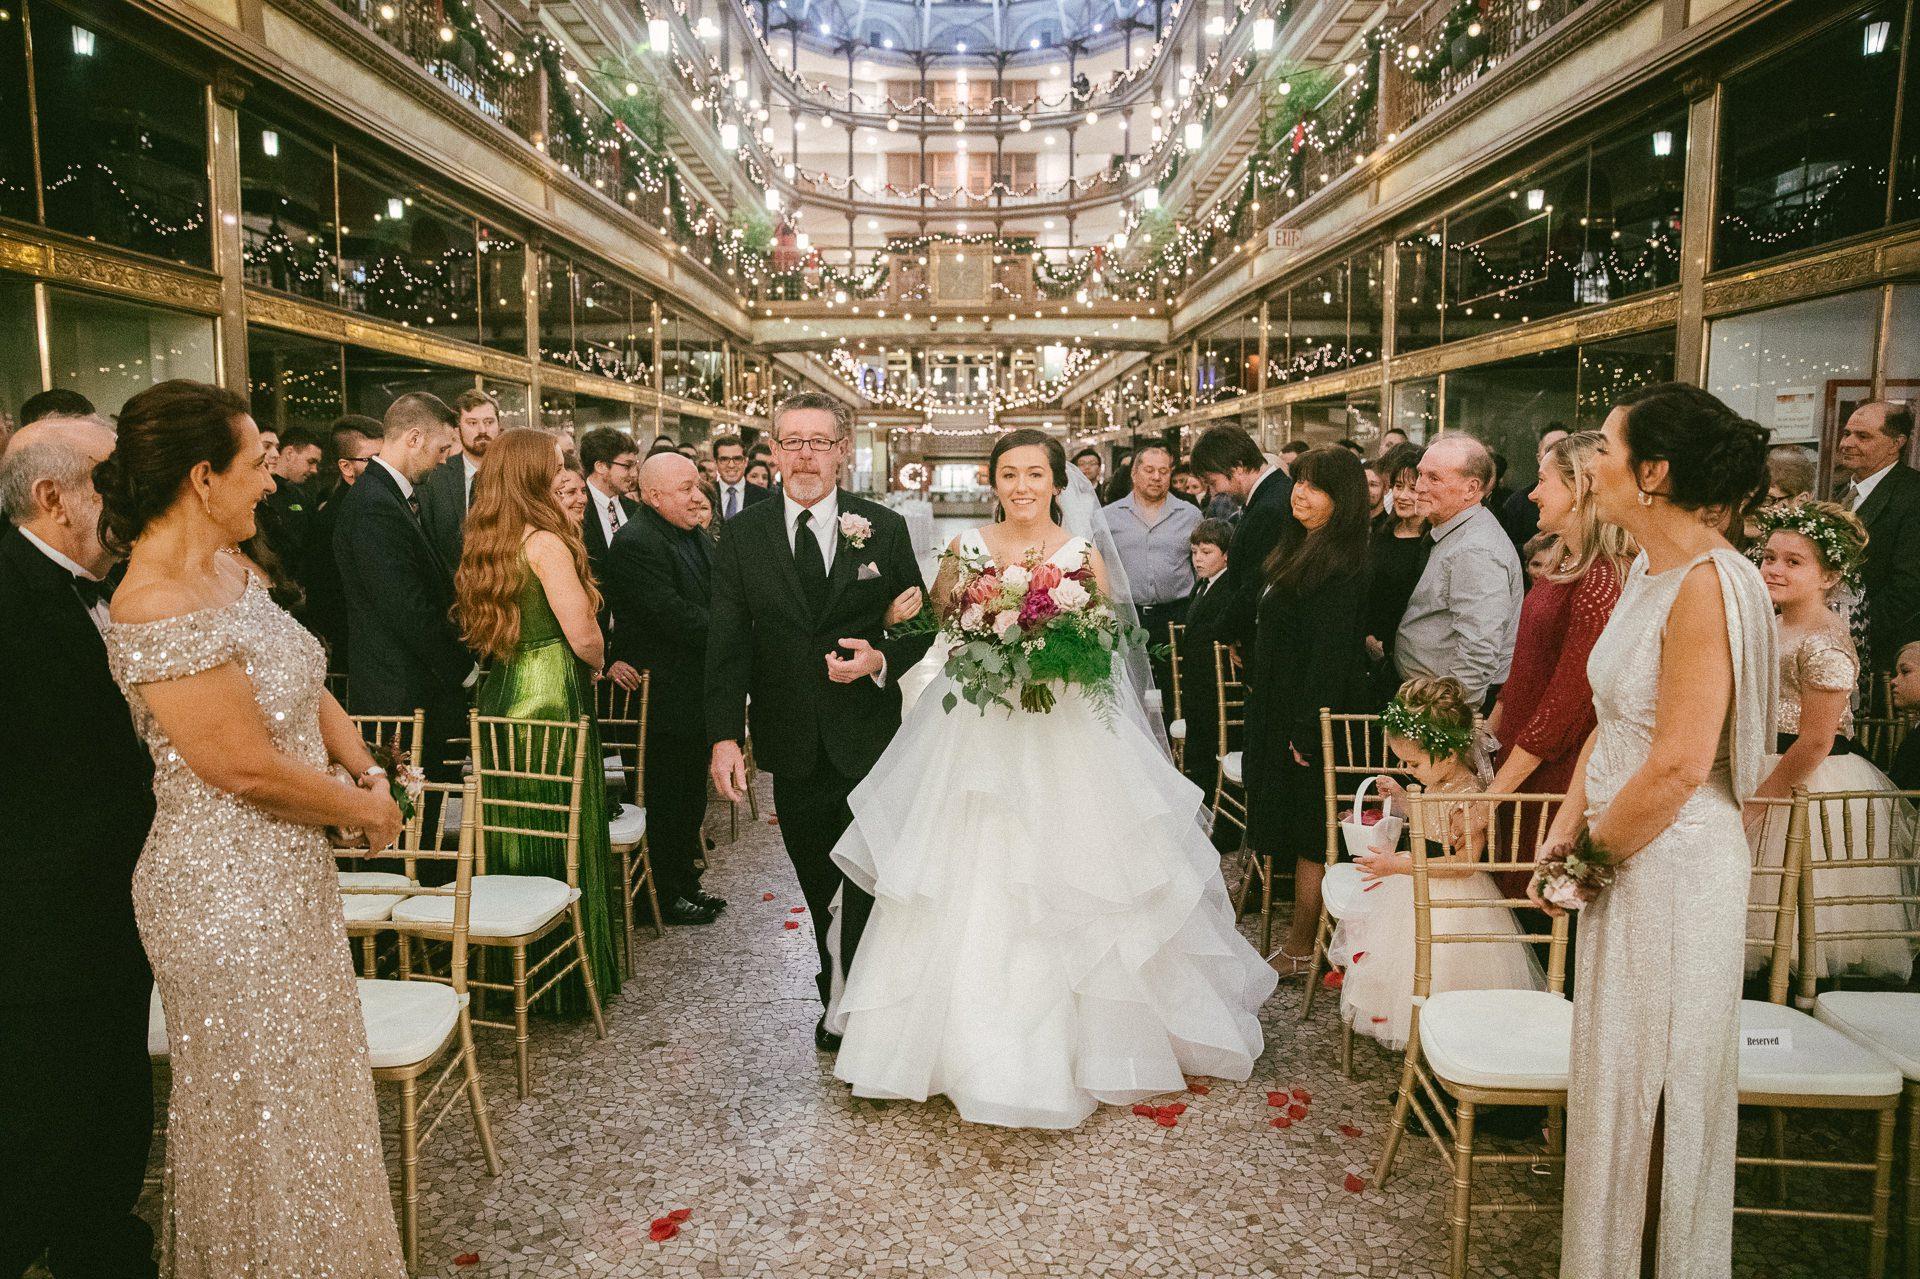 Hyatt Old Arcade Wedding Photographer in Cleveland 1 49.jpg